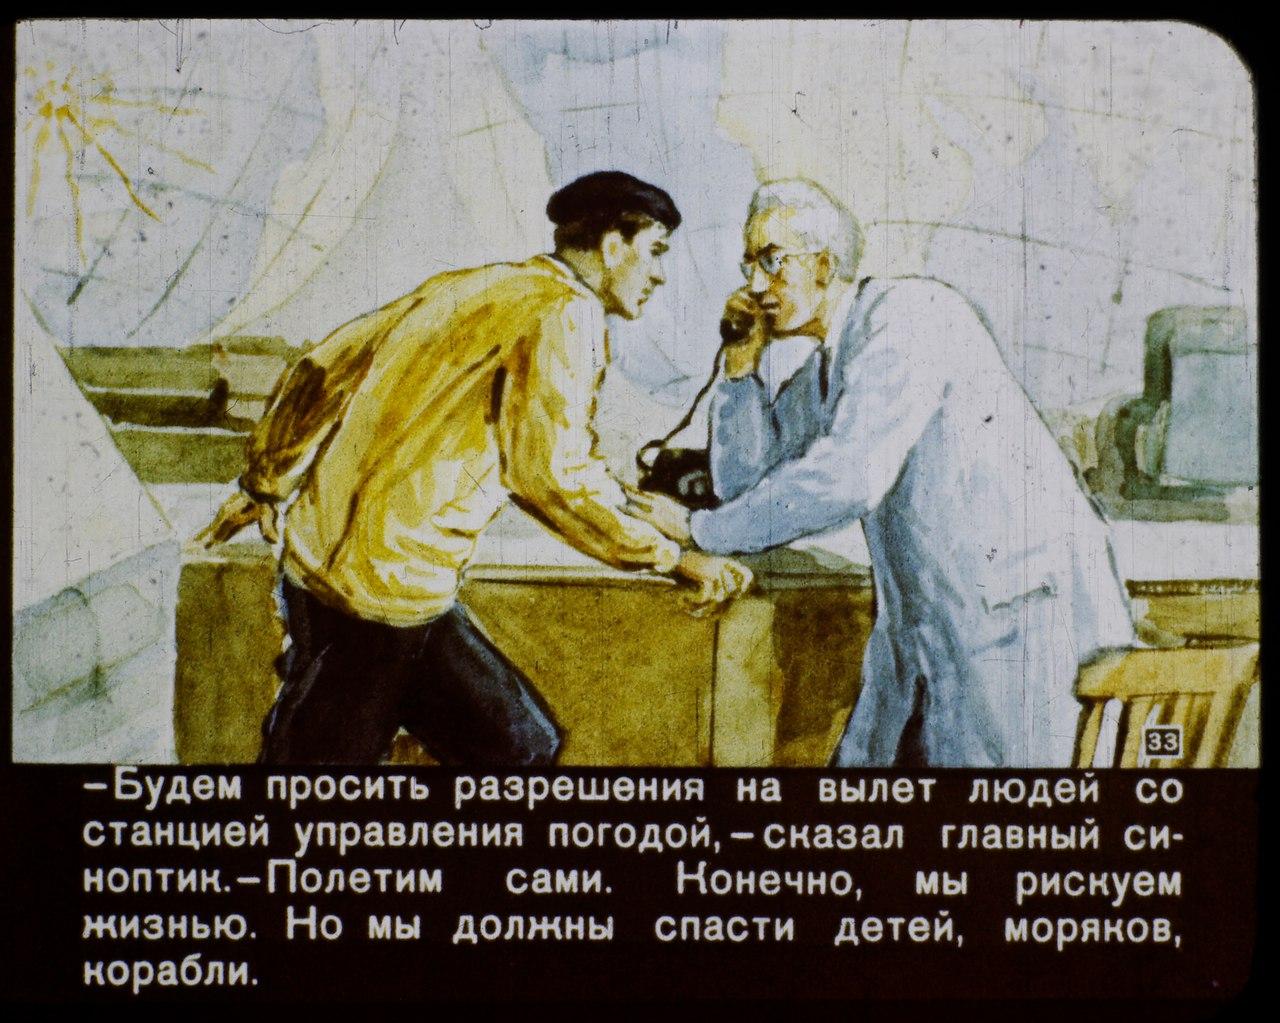 2017-й год глазами советских людей из 60-го года